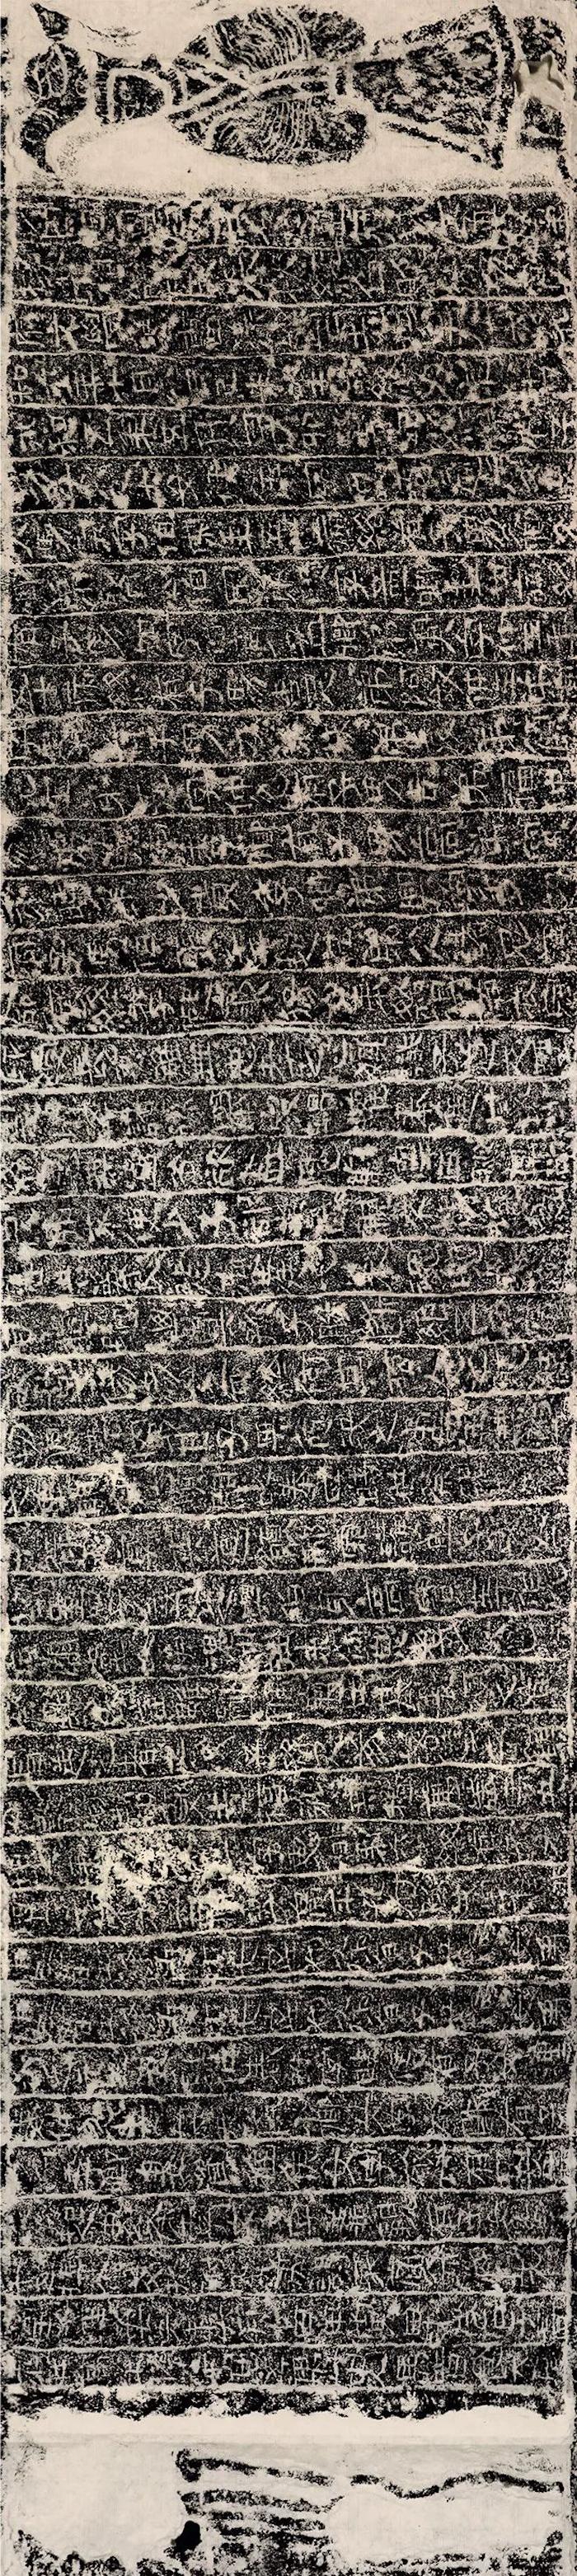 東漢漢安元年(142)?山東鄒城漢安元年文通祠堂畫像石題記拓片?原石藏于鄒城市博物館(請橫屏觀看)